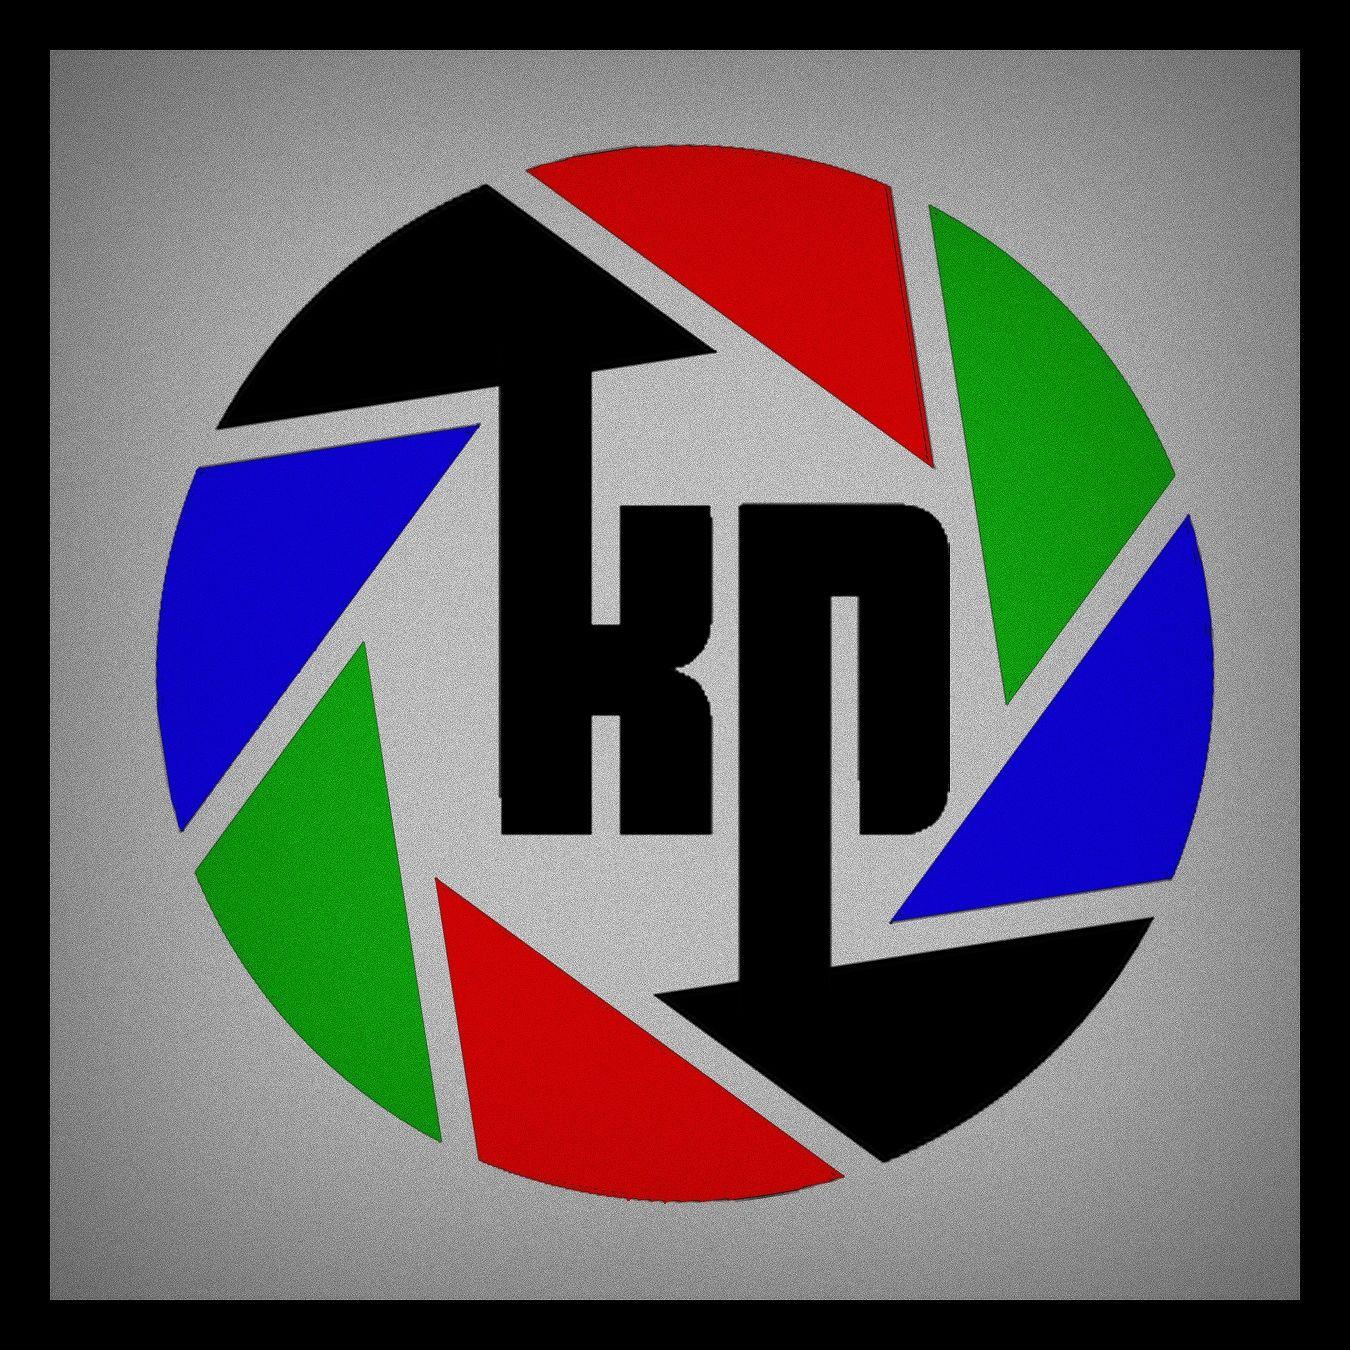 In Circle KP Logo design, Logos, Circle